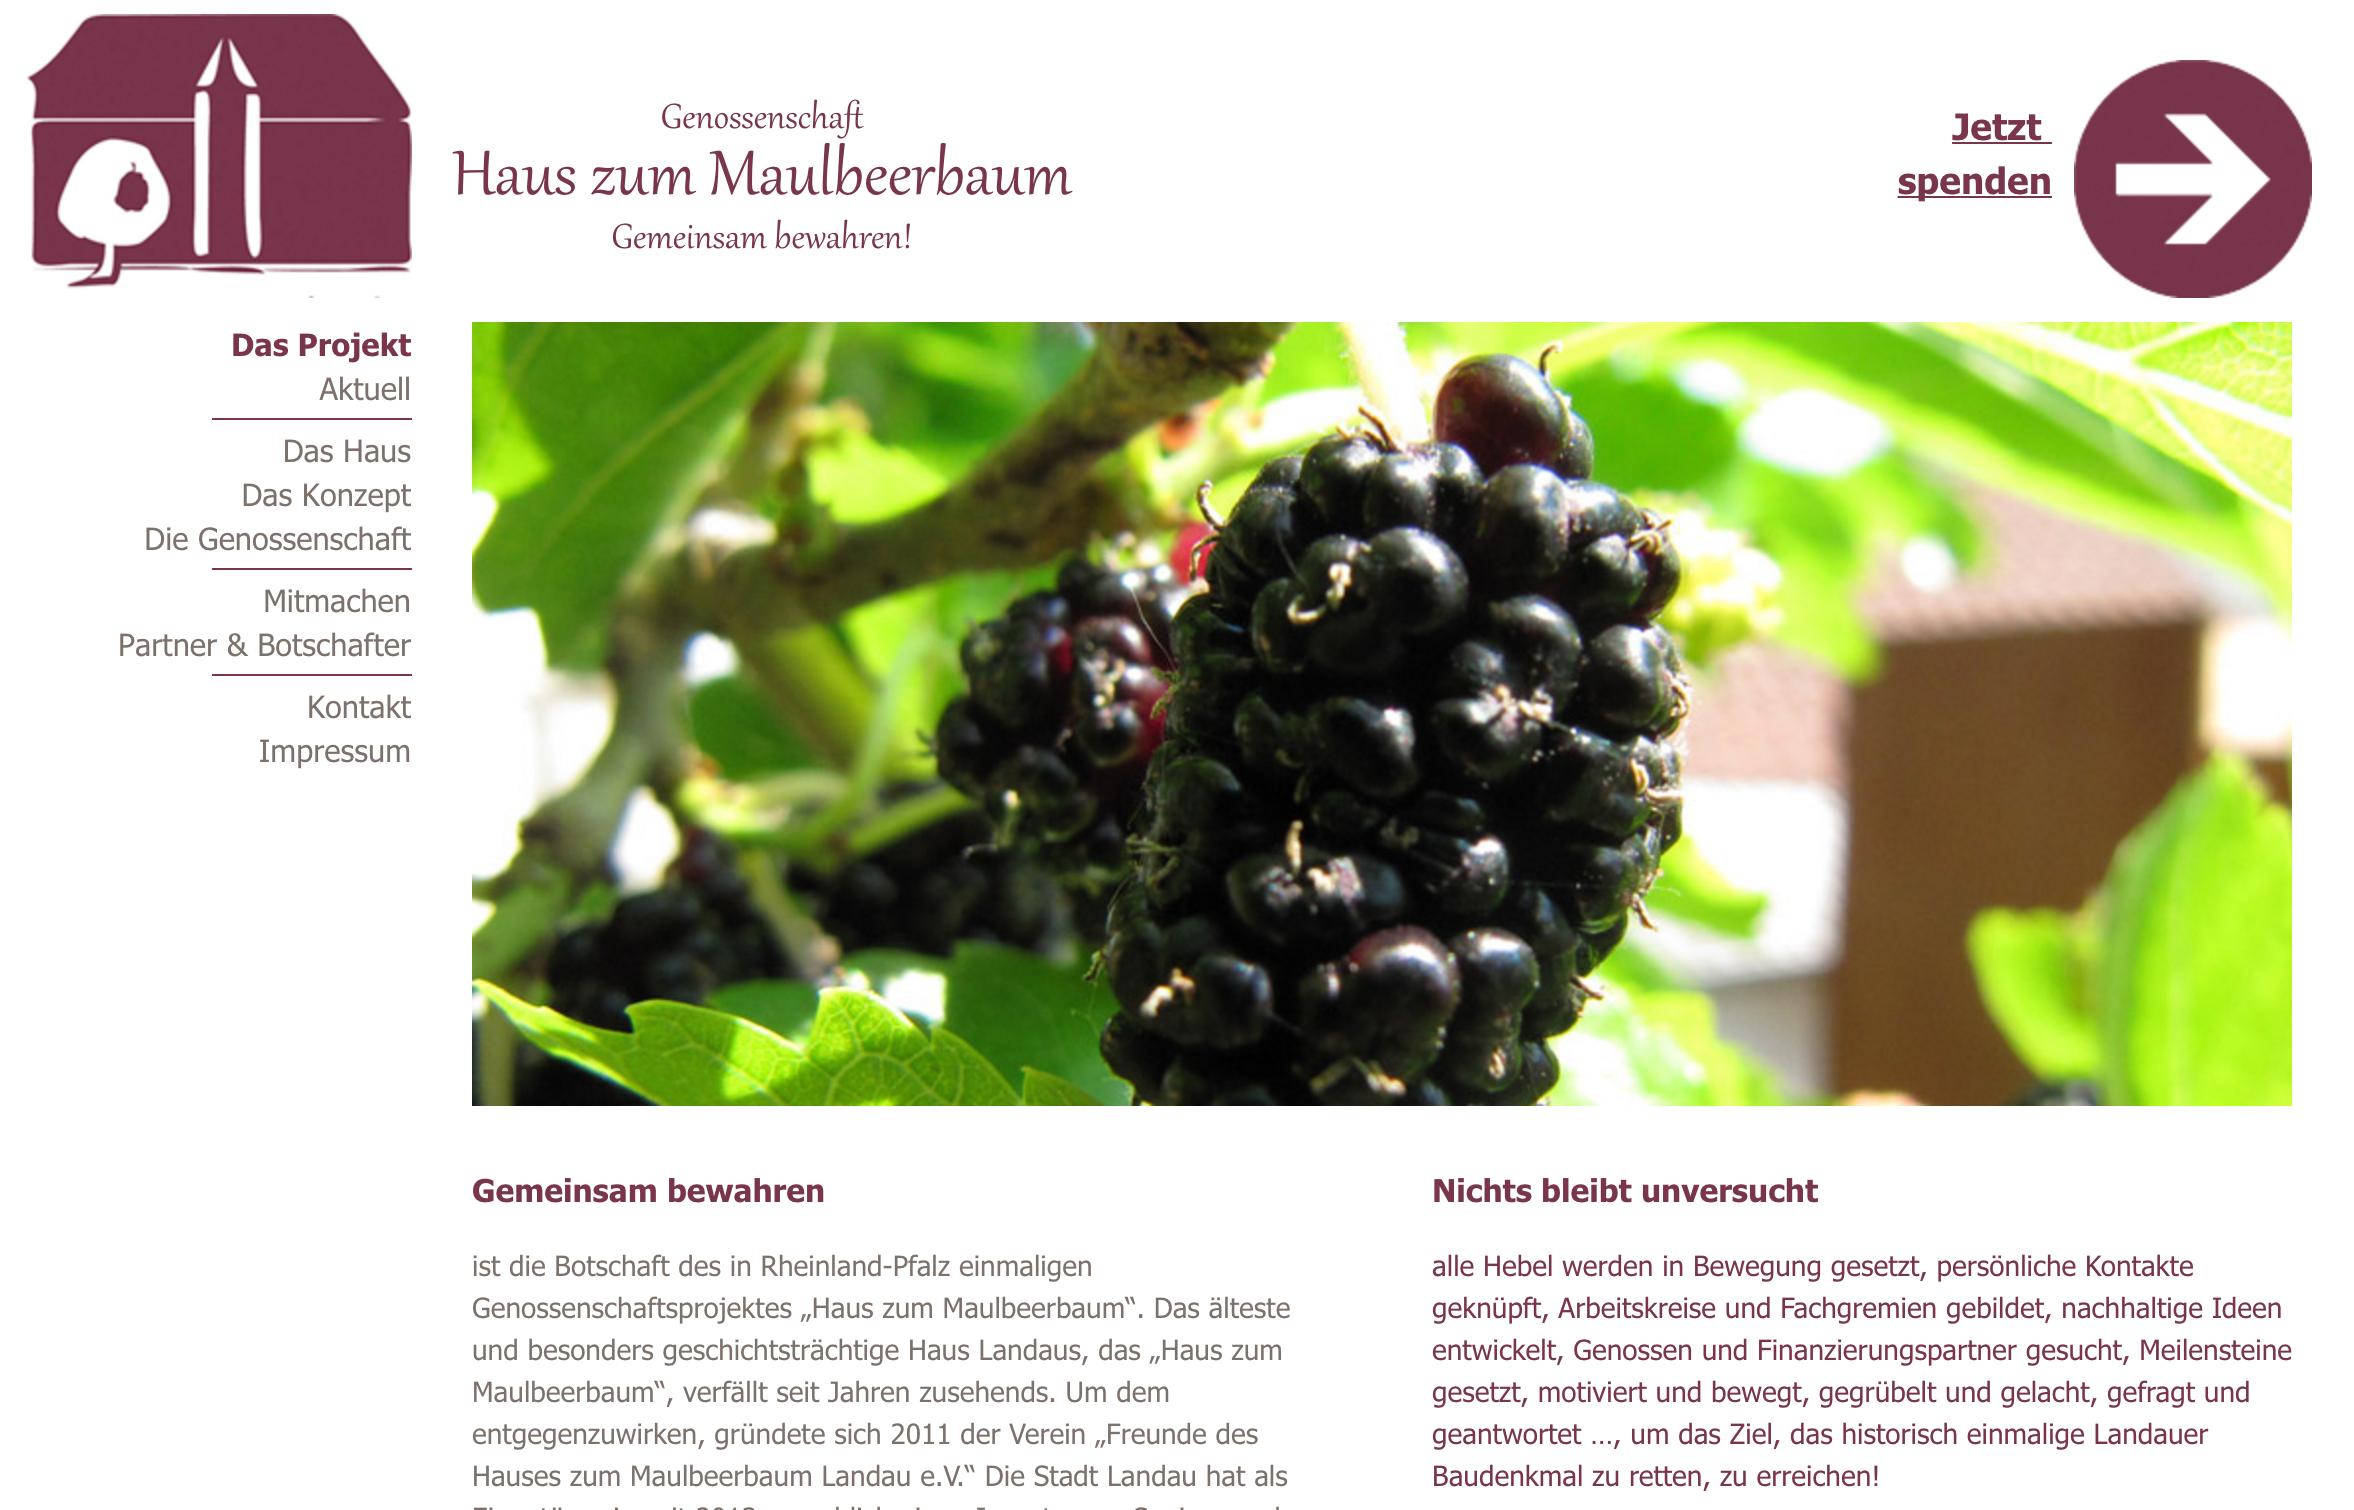 Haus zum Maulbeerbaum